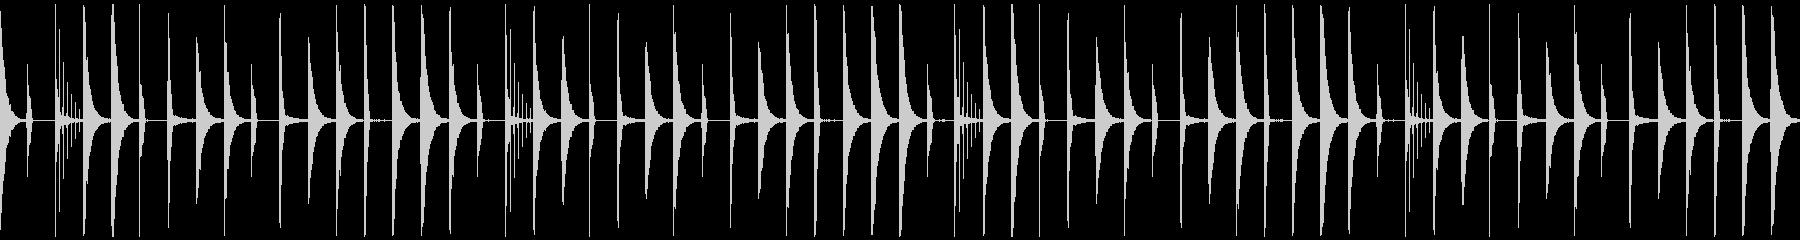 レトロリズムボックス(ループ)96bpmの未再生の波形